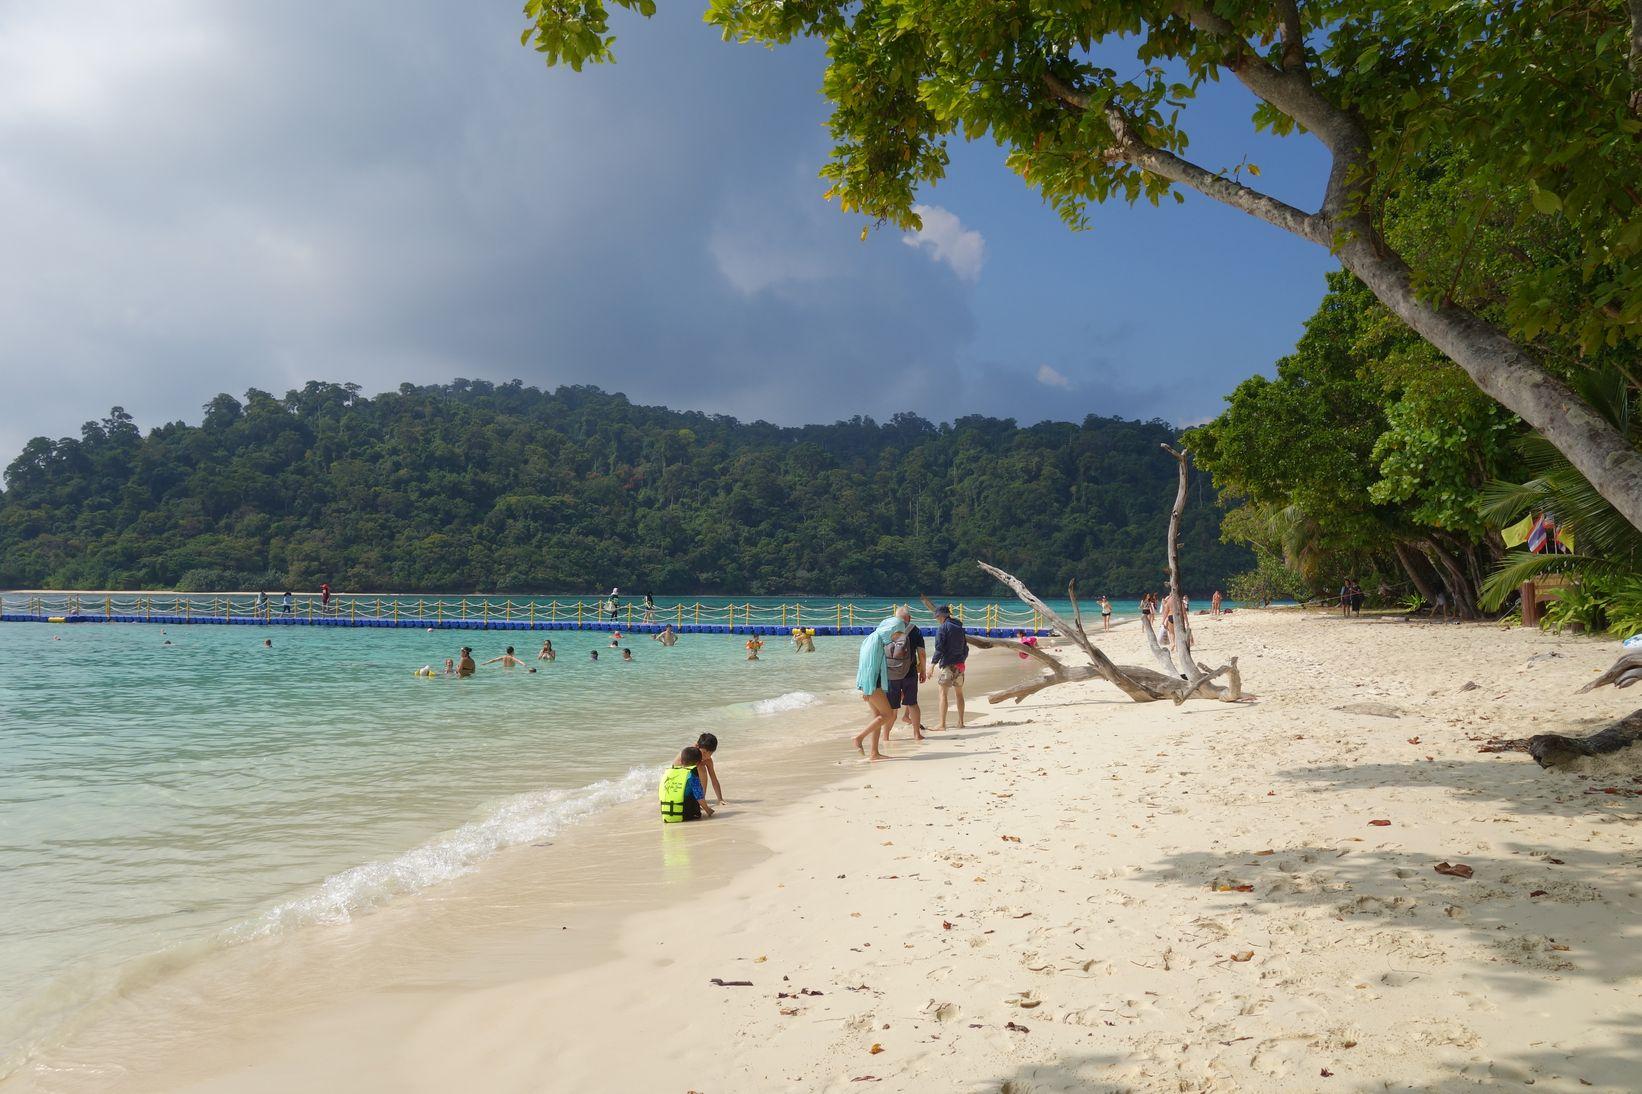 La plage de Koh Rok